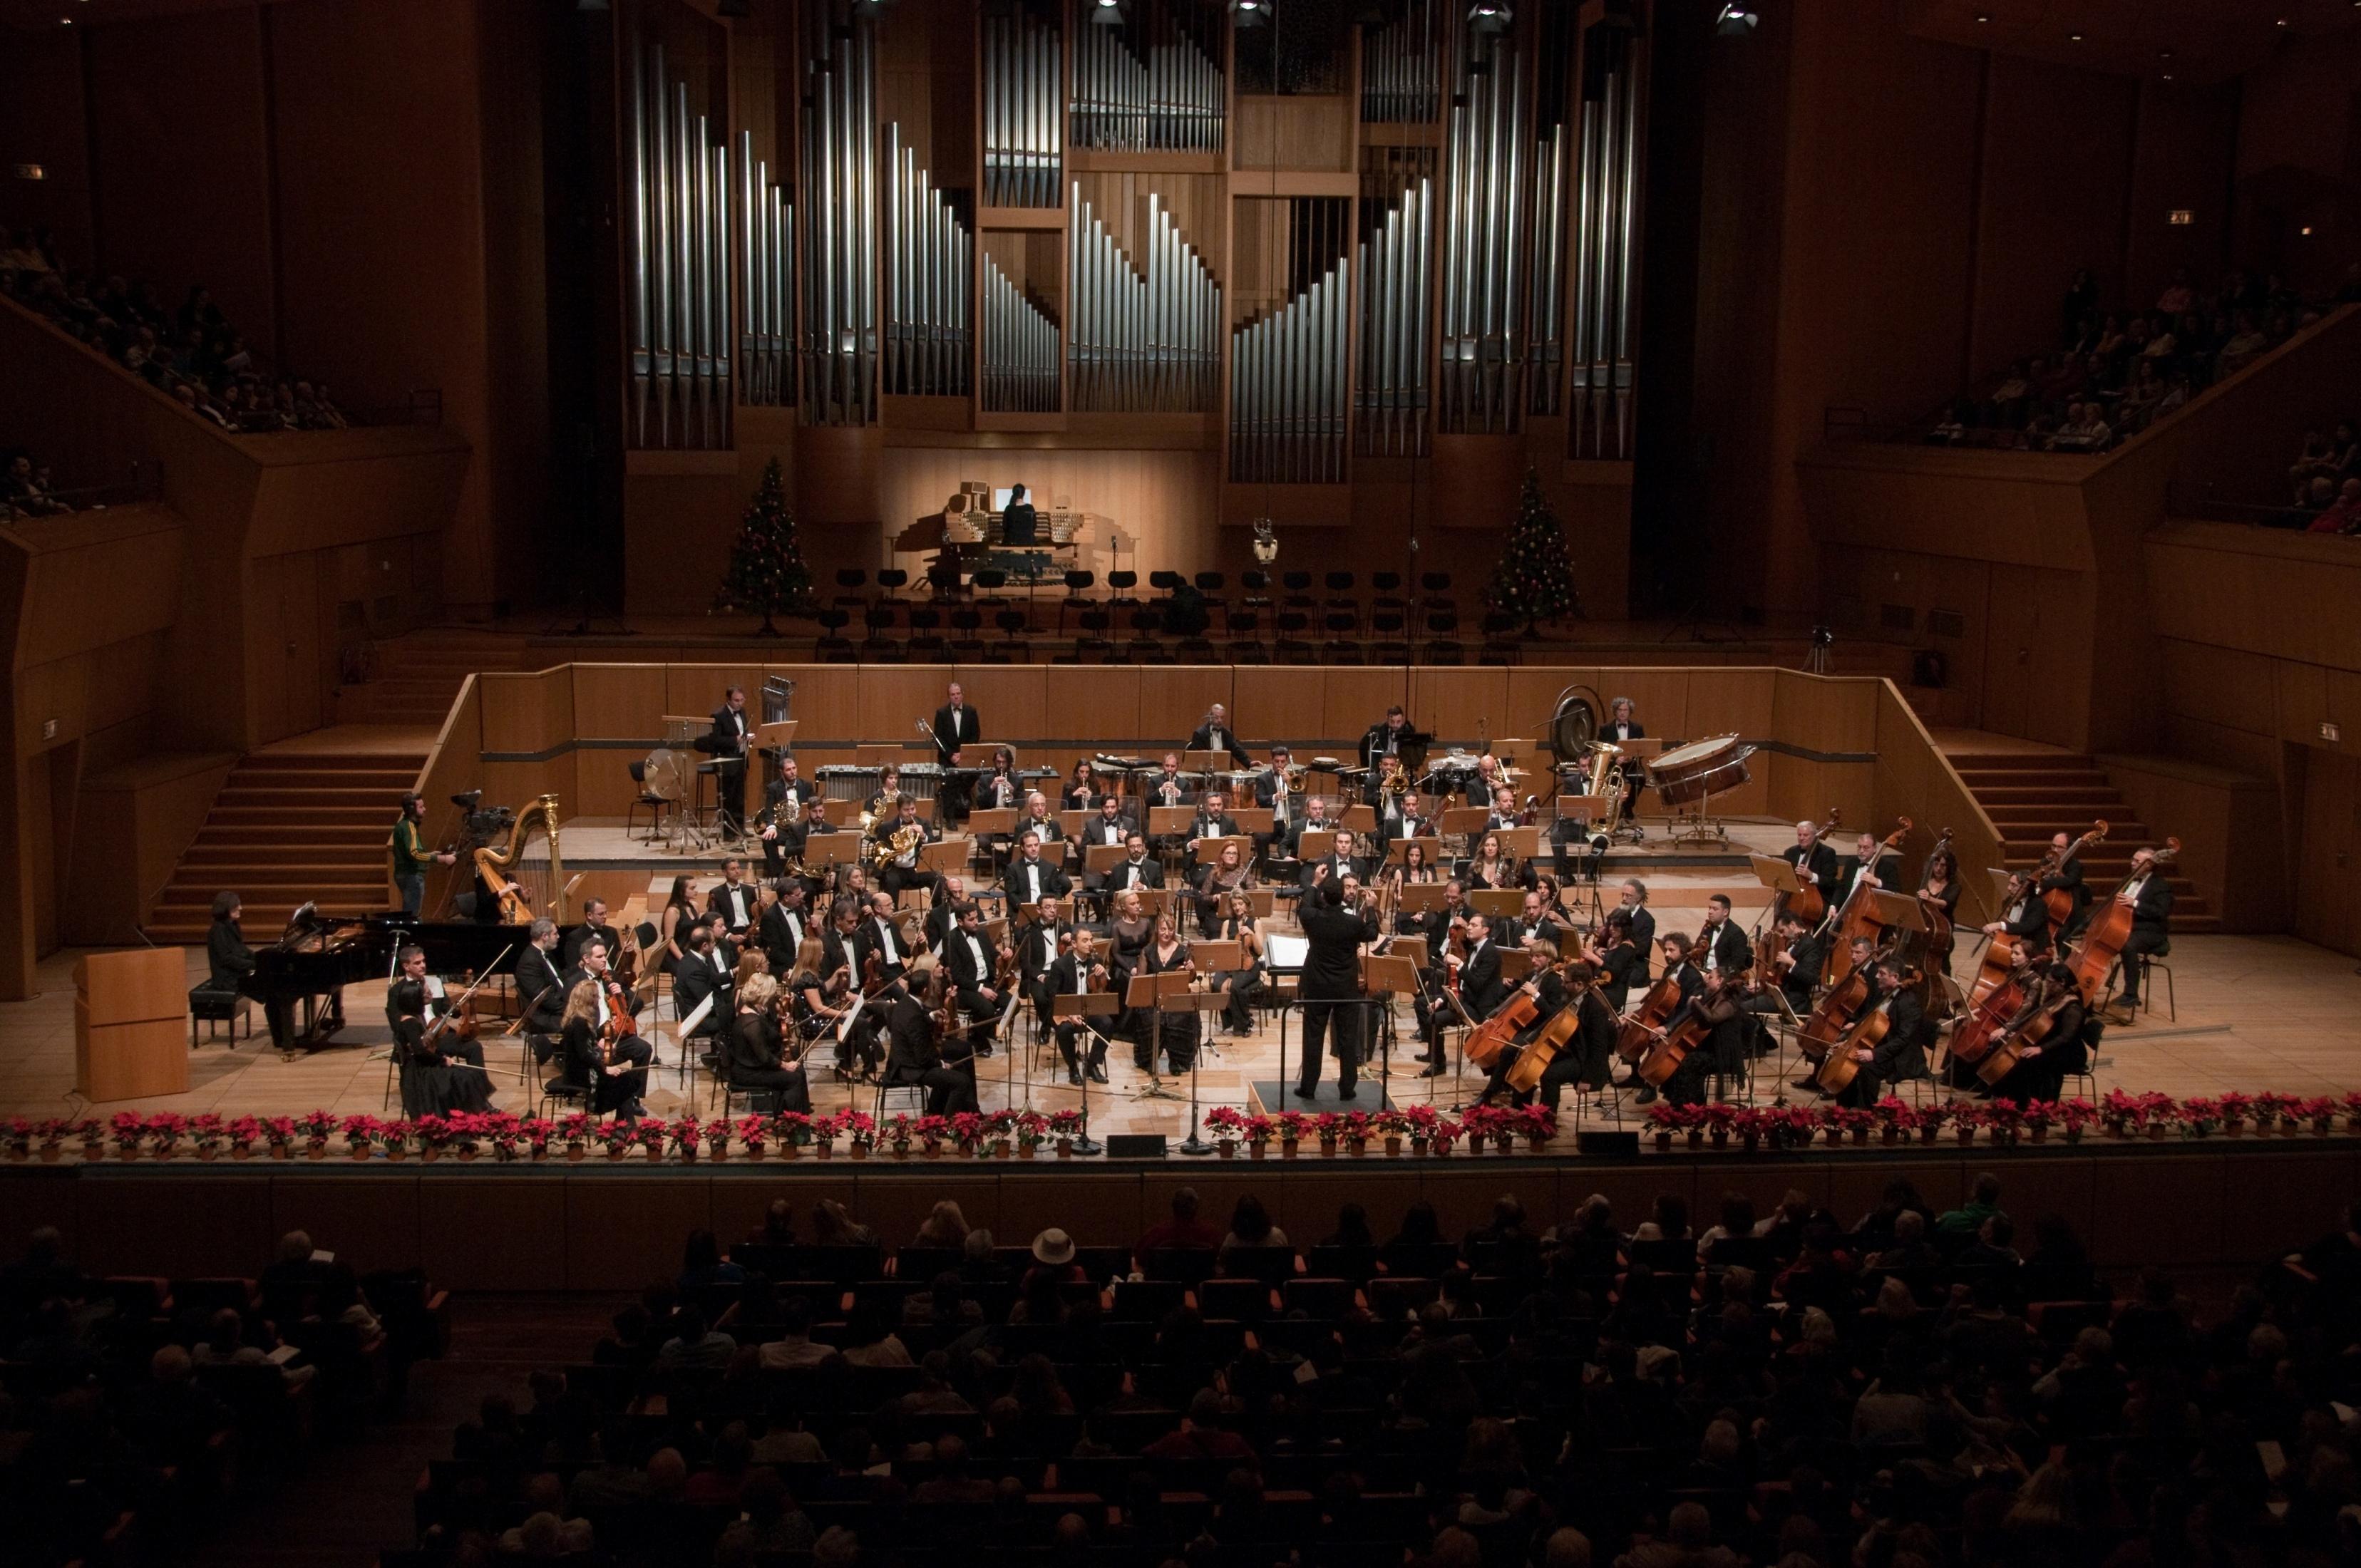 Εθνική Συμφωνική Ορχήστρα (4) (1)